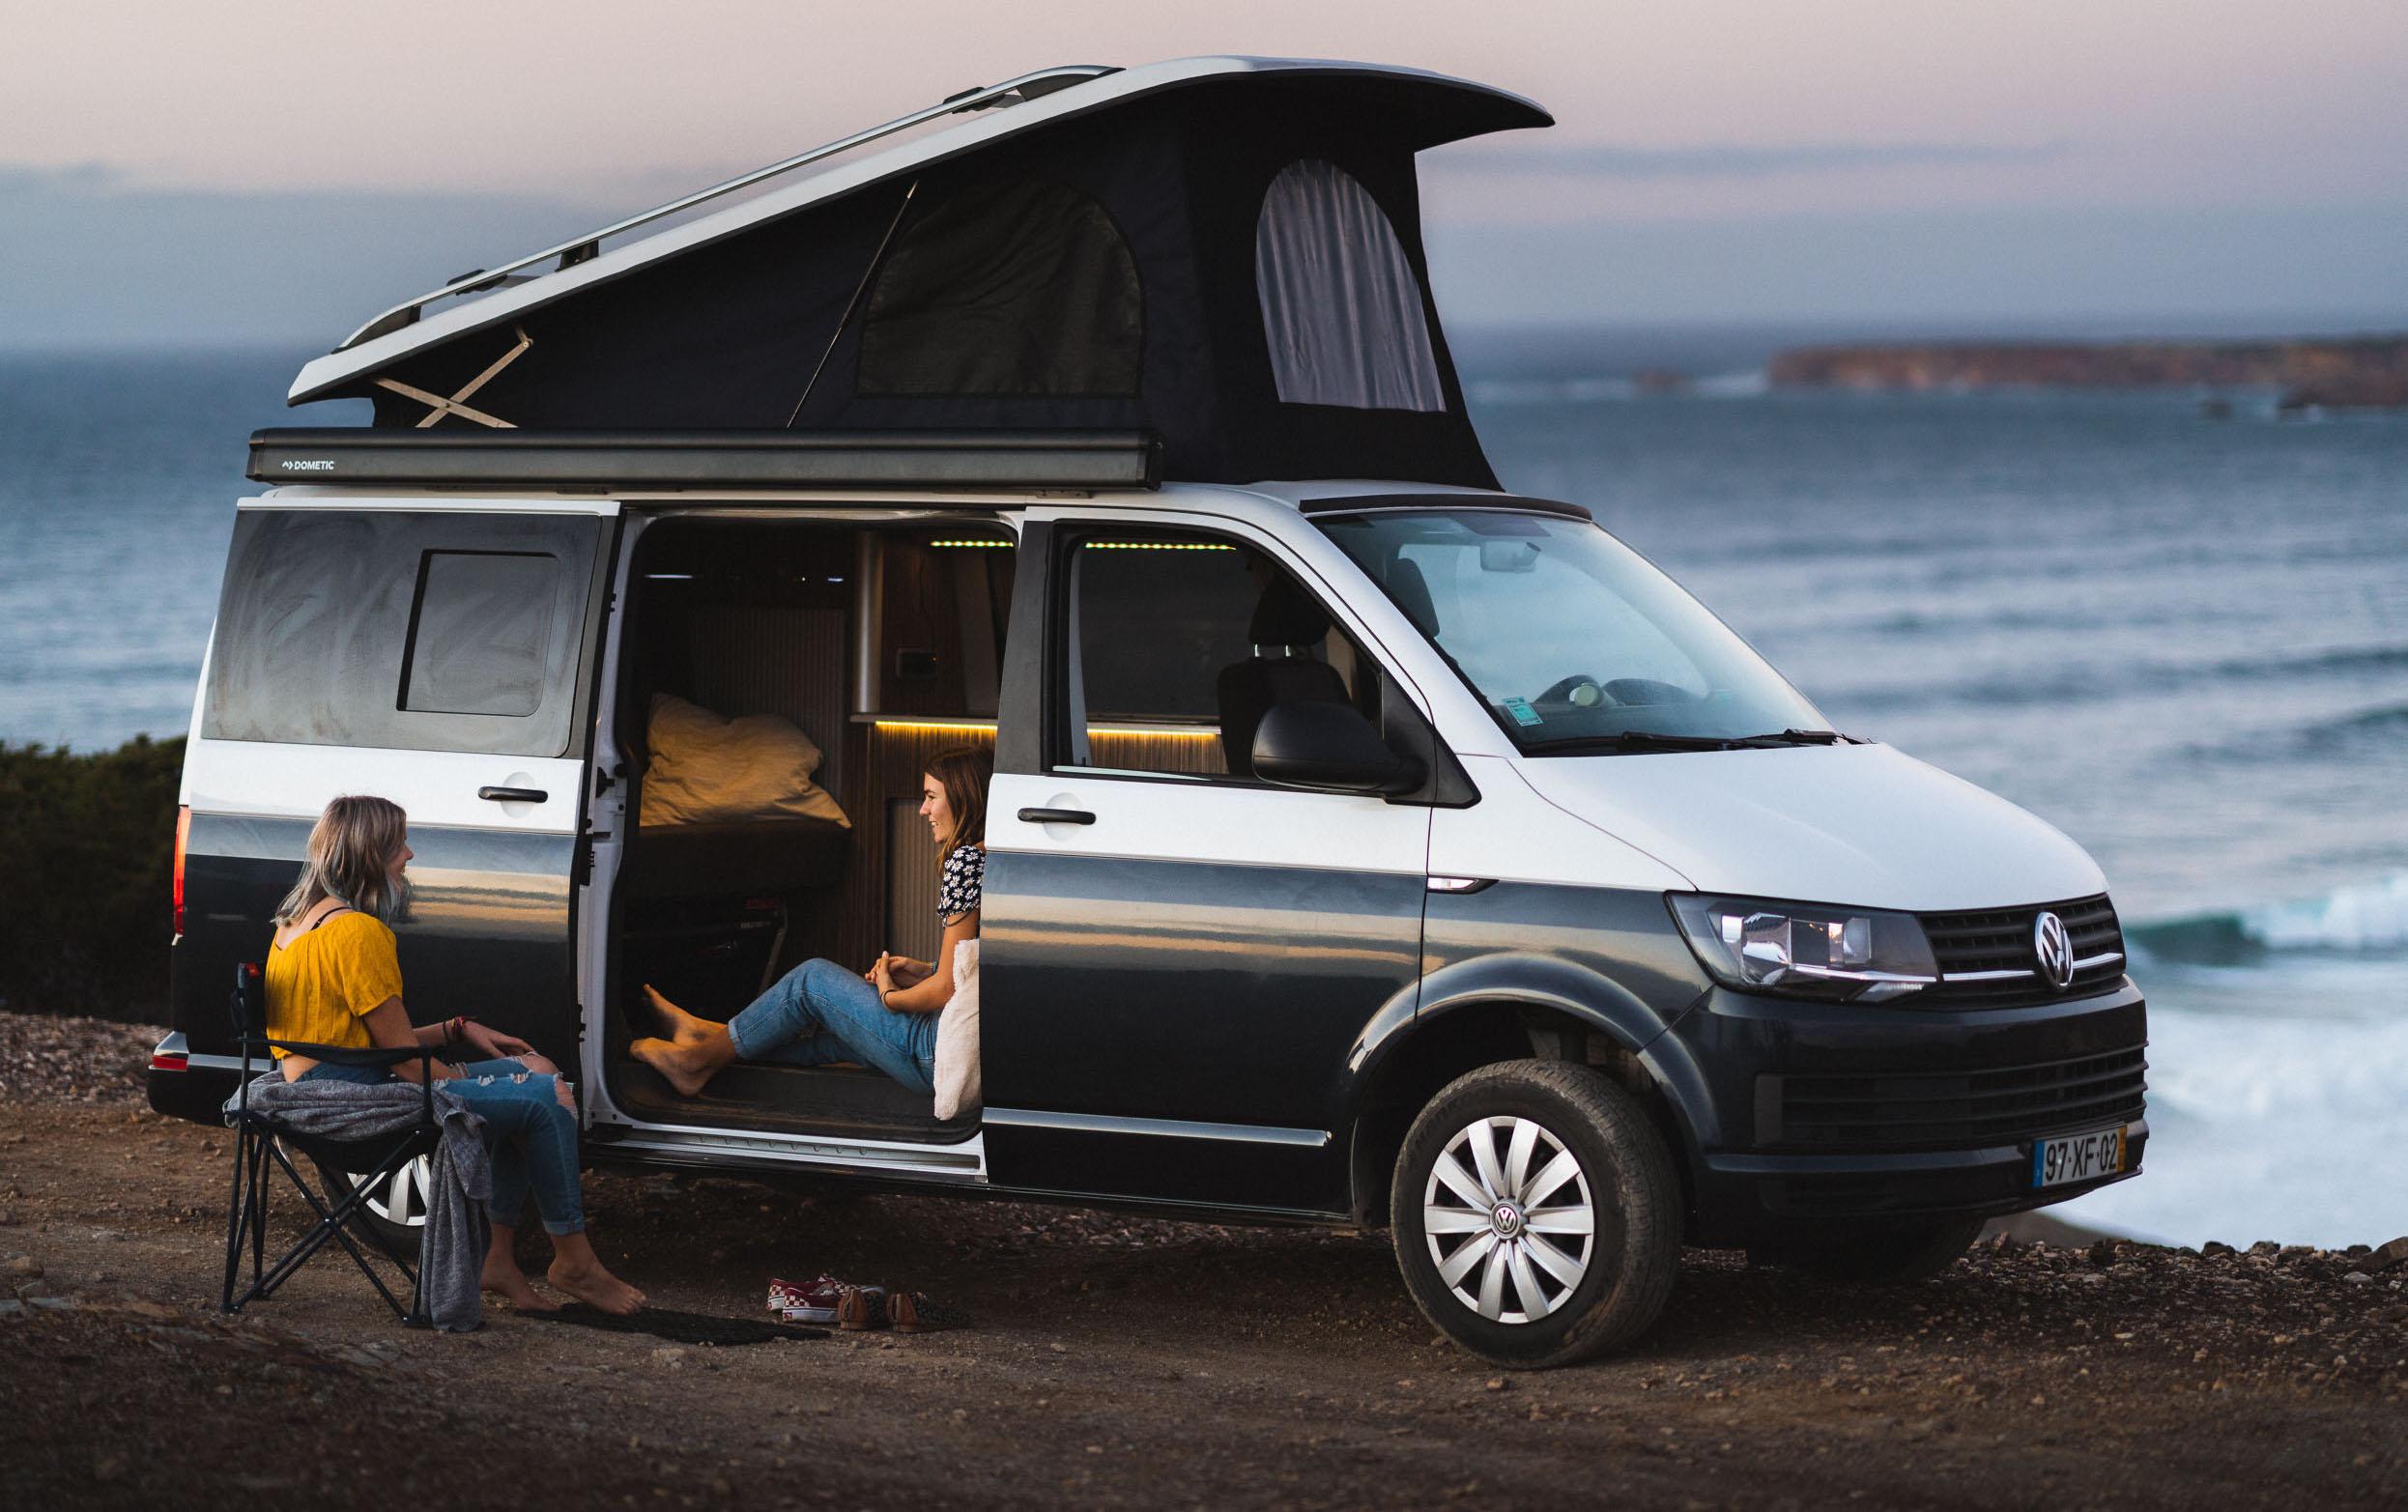 Família em um campervan VW de férias na Europa.